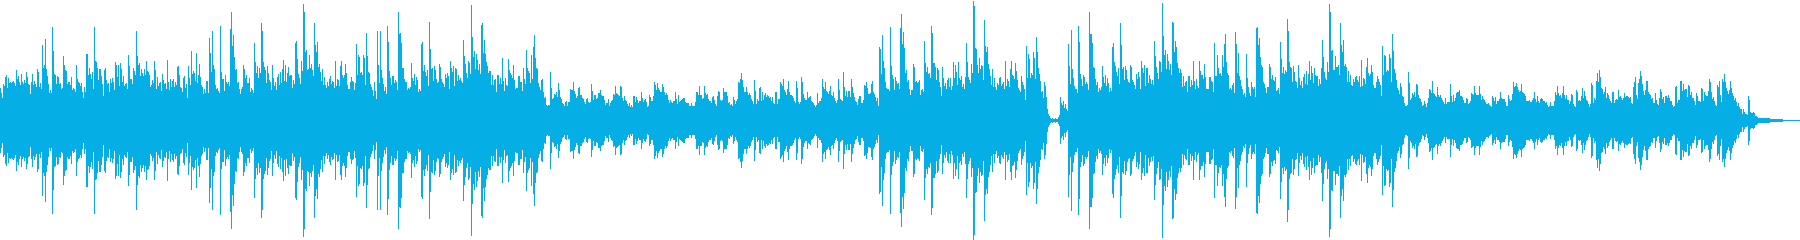 ピアノと弦楽器の静かなエレクトロニカの再生済みの波形